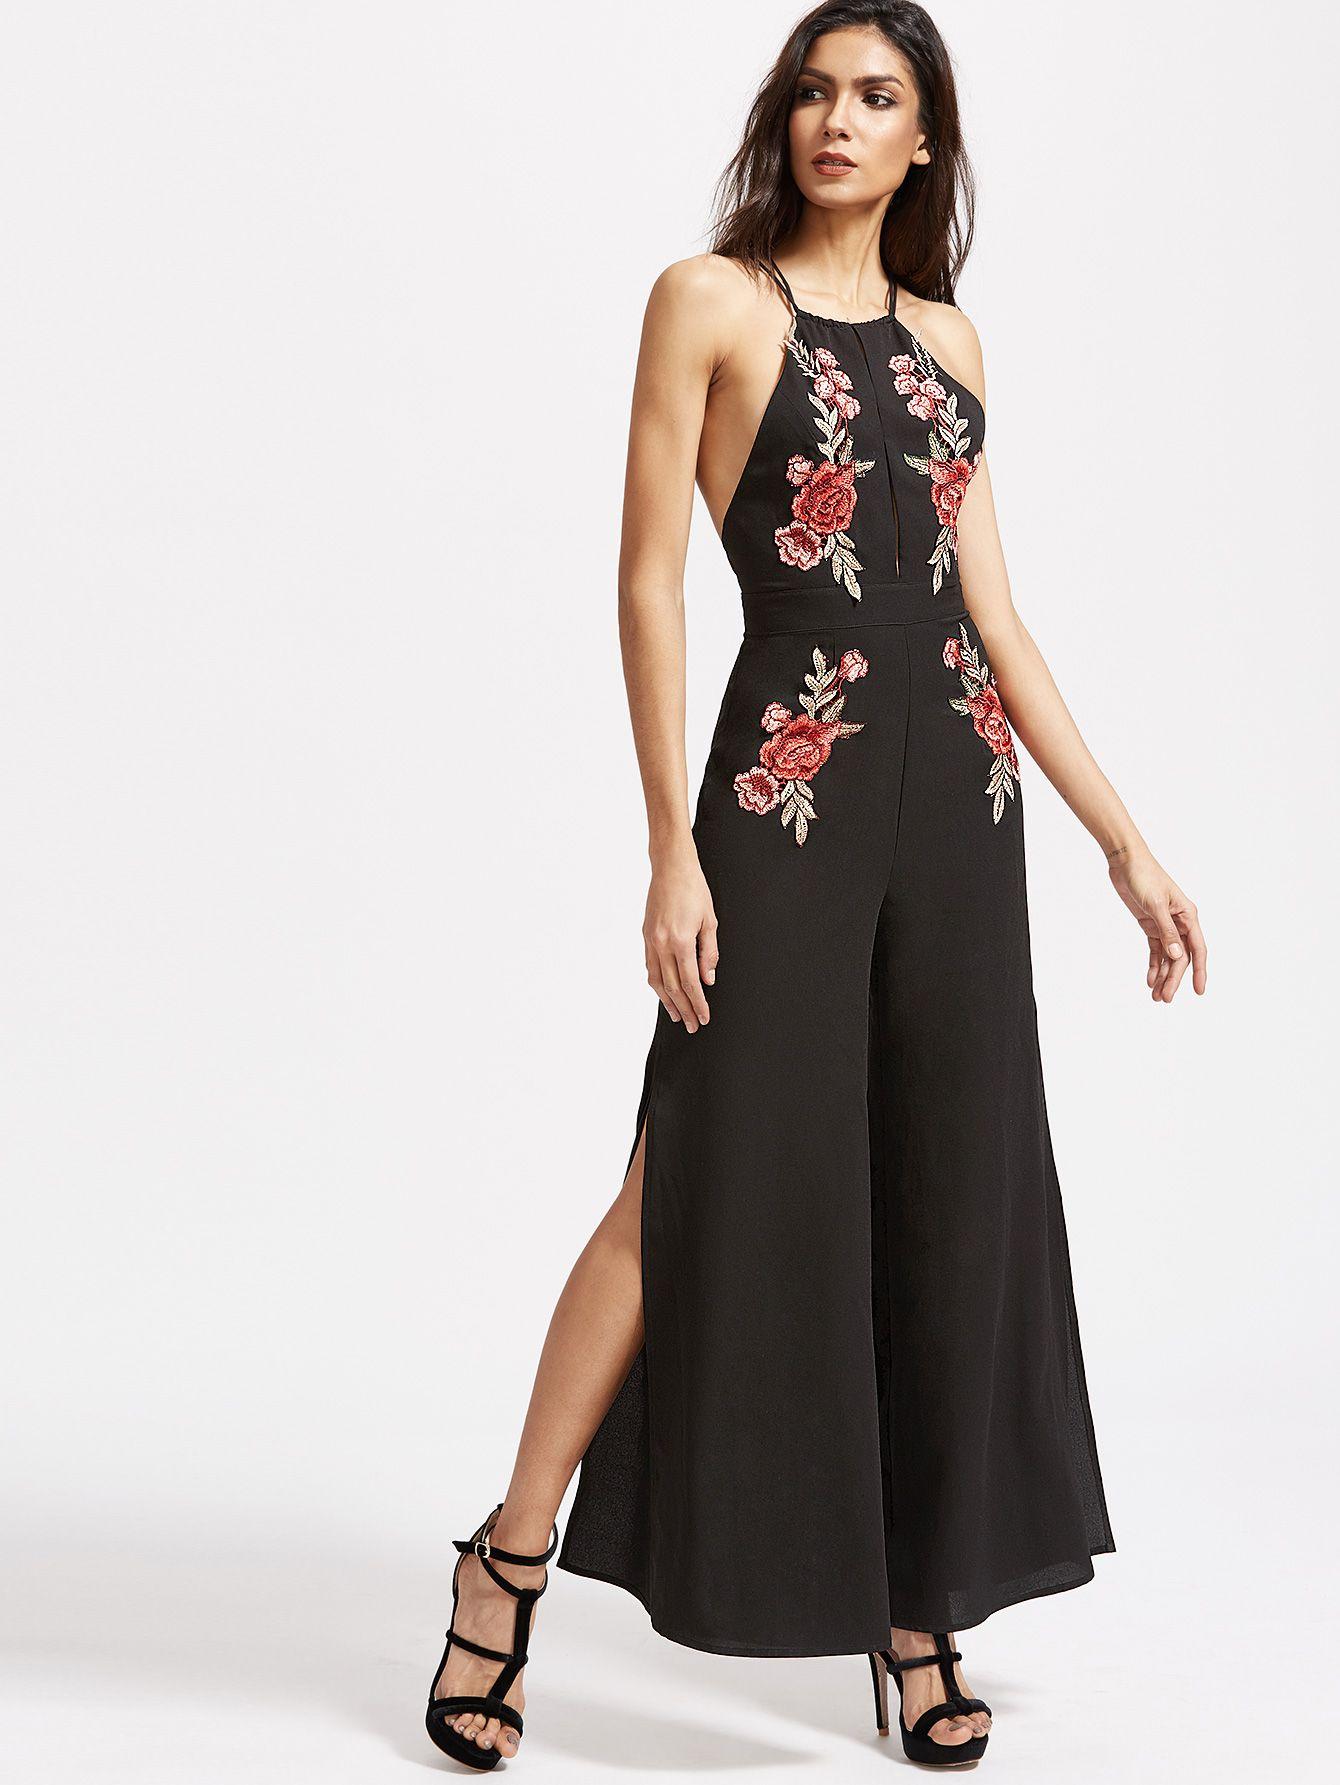 5511be1f4049 Black Embroidered Rose Applique Split Front Crisscross Back Jumpsuit -SheIn( Sheinside)